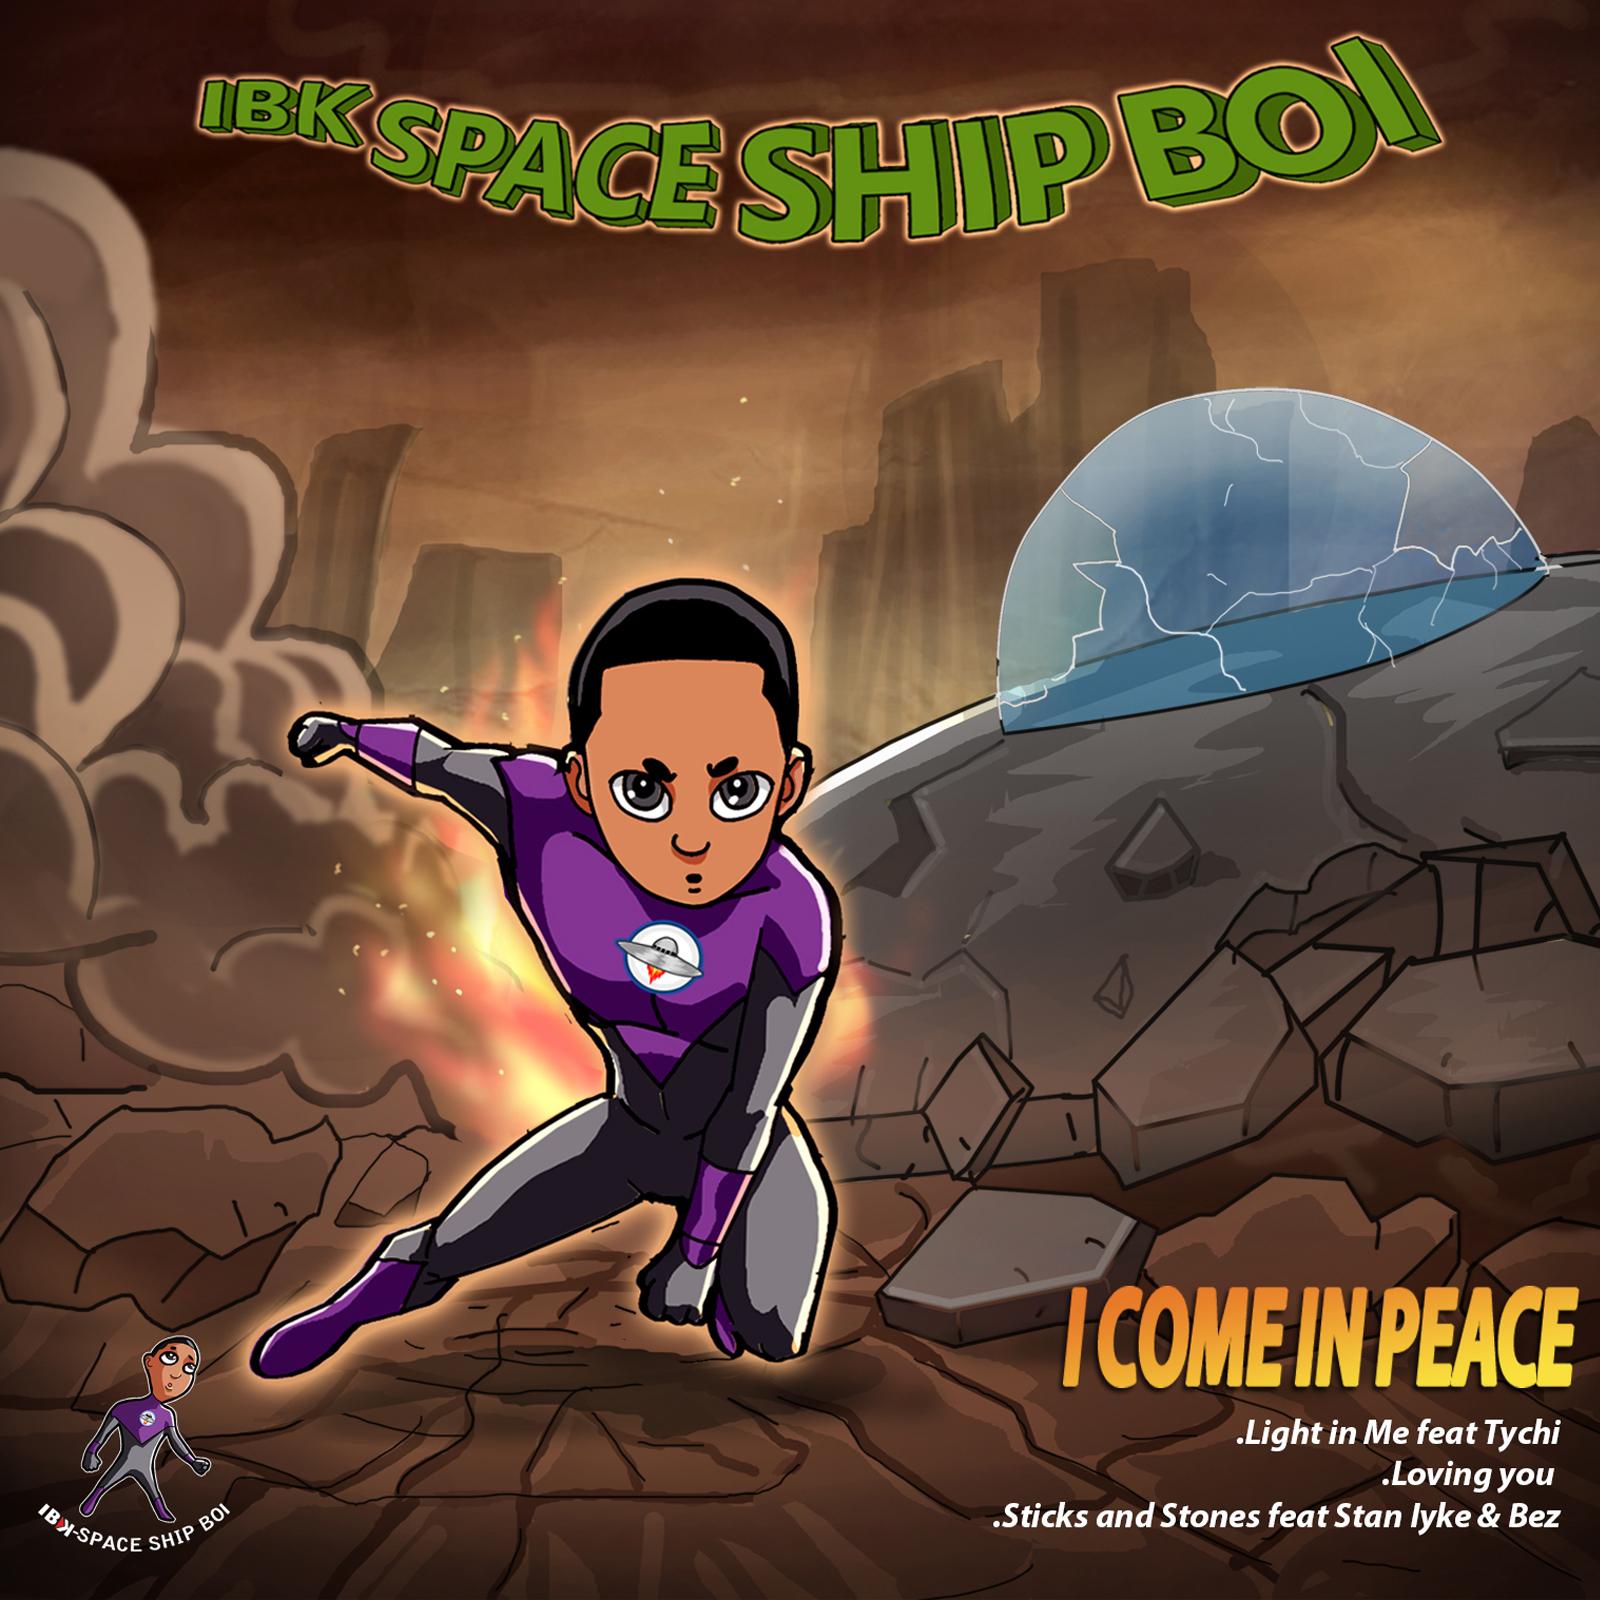 IBK Spaceshipboi Releases Album Art, Track List